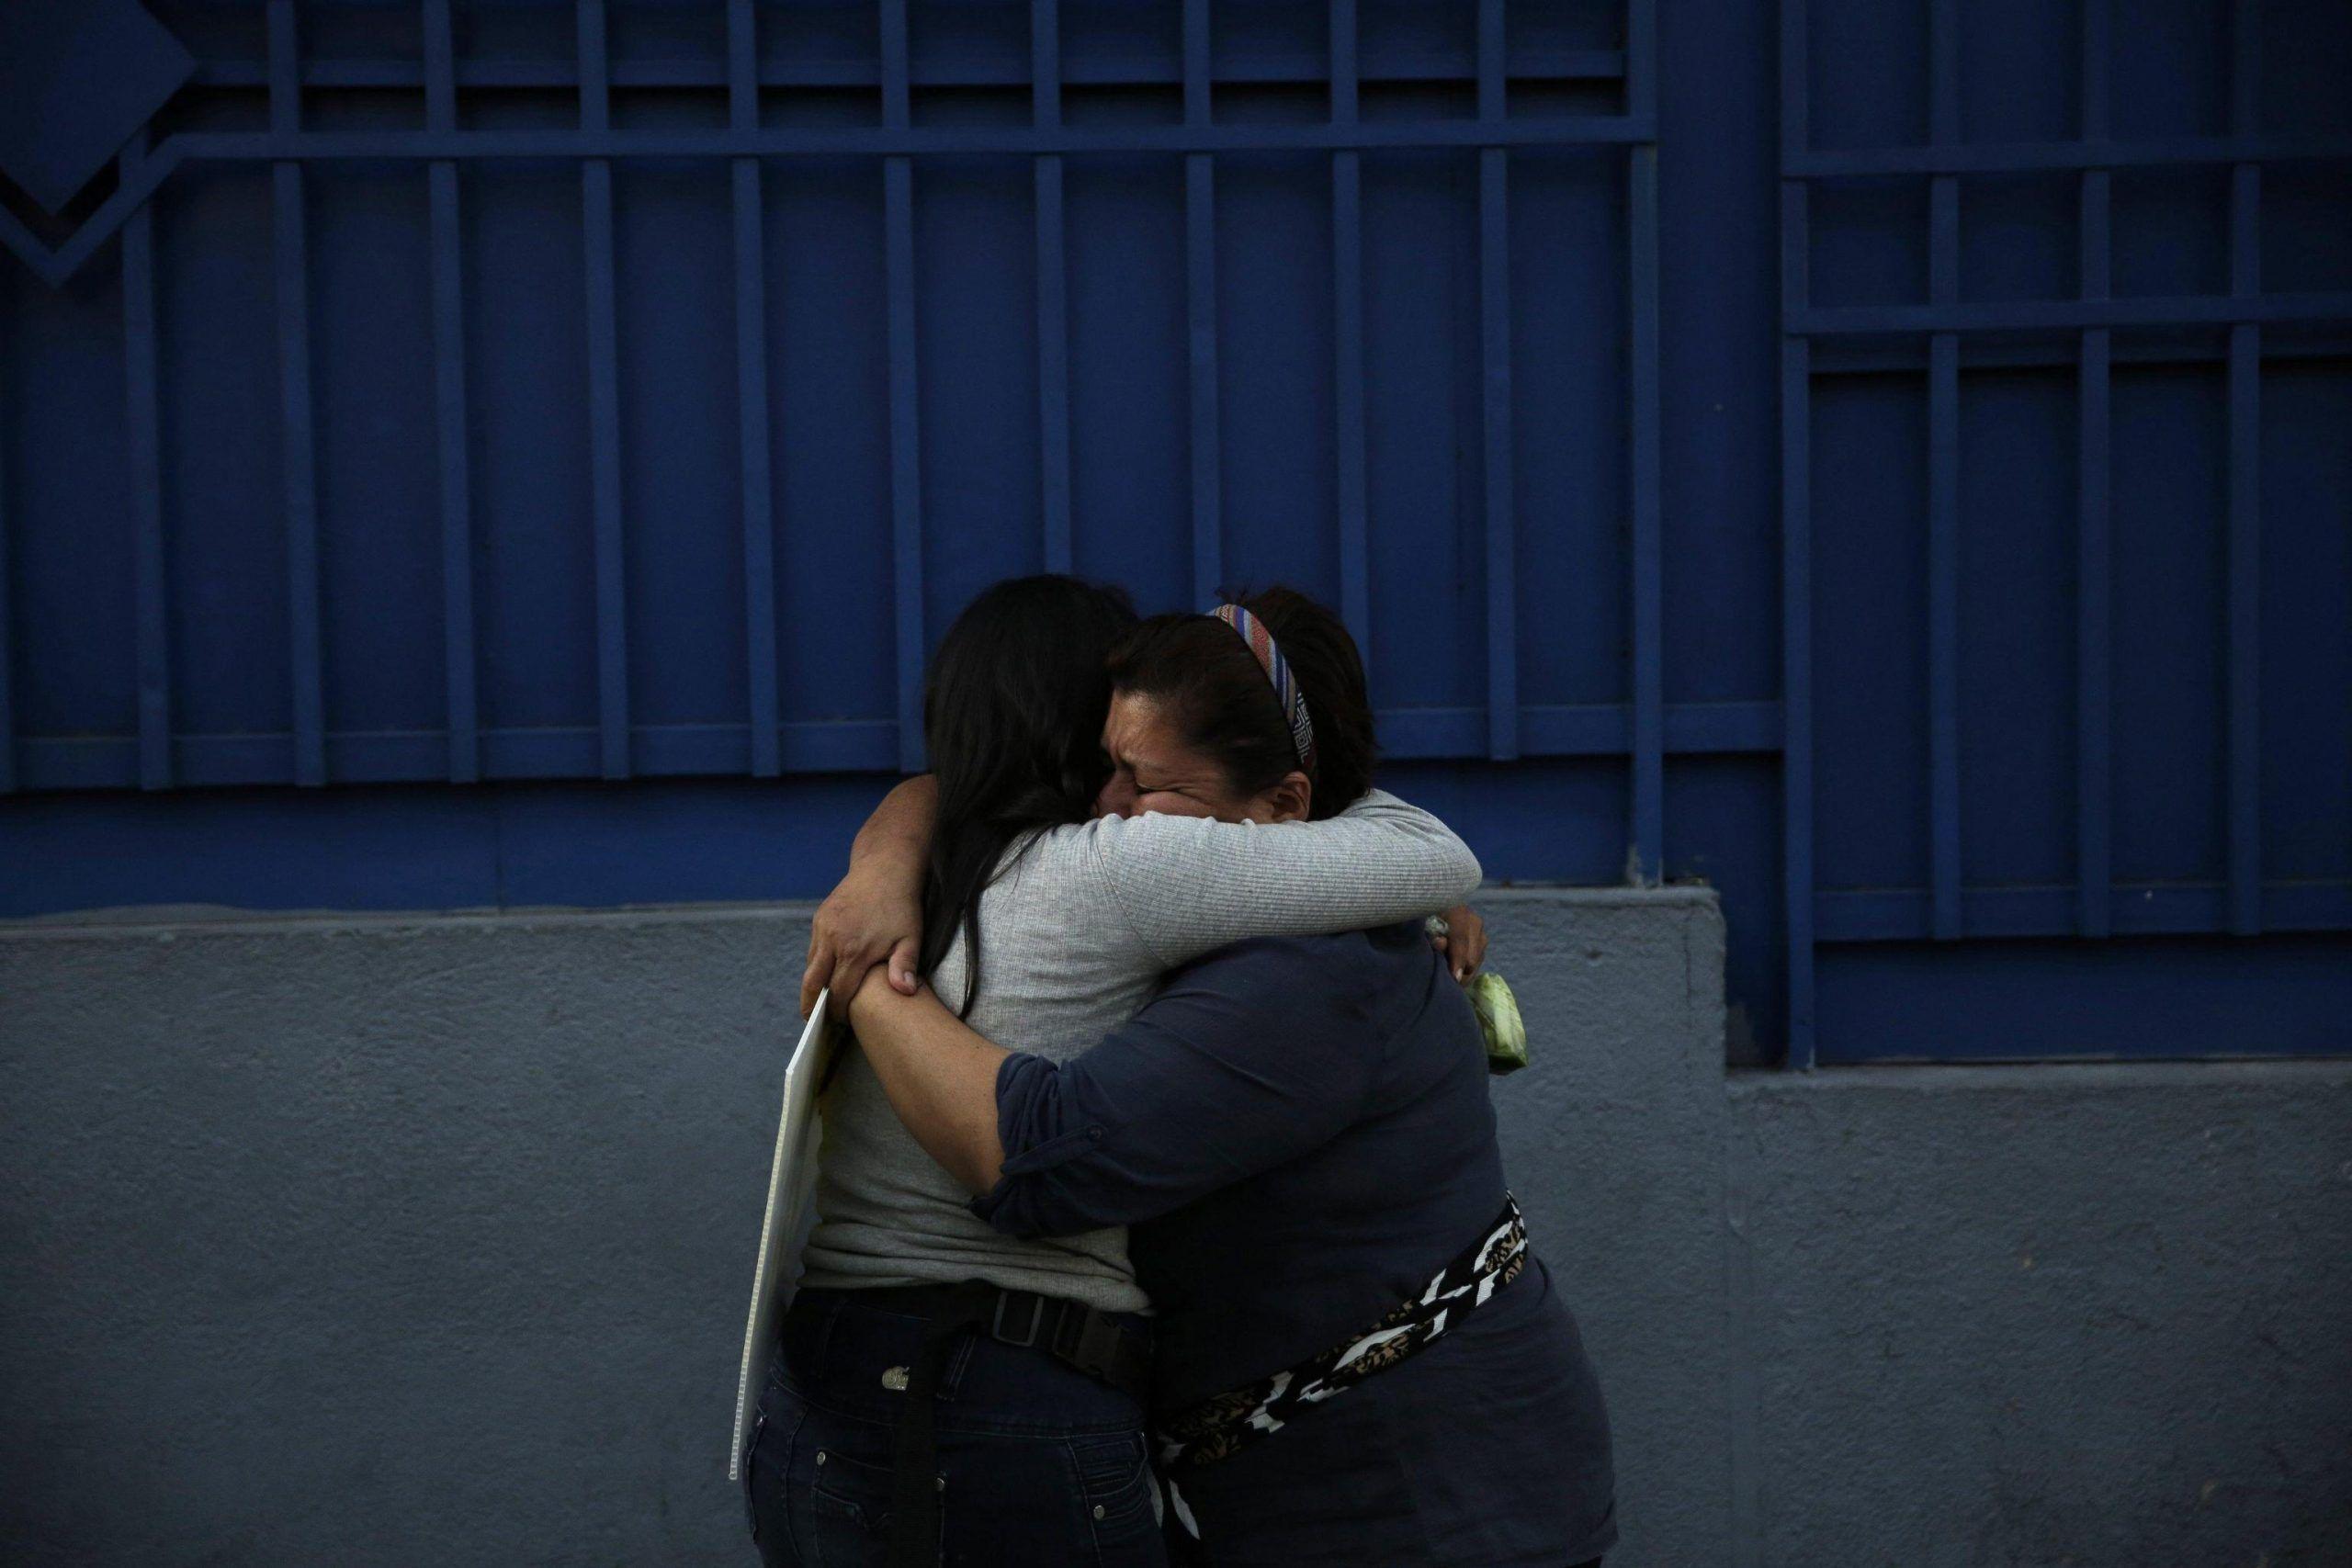 Il Tribunale conferma la condanna a 30 anni per aborto in El Salvador